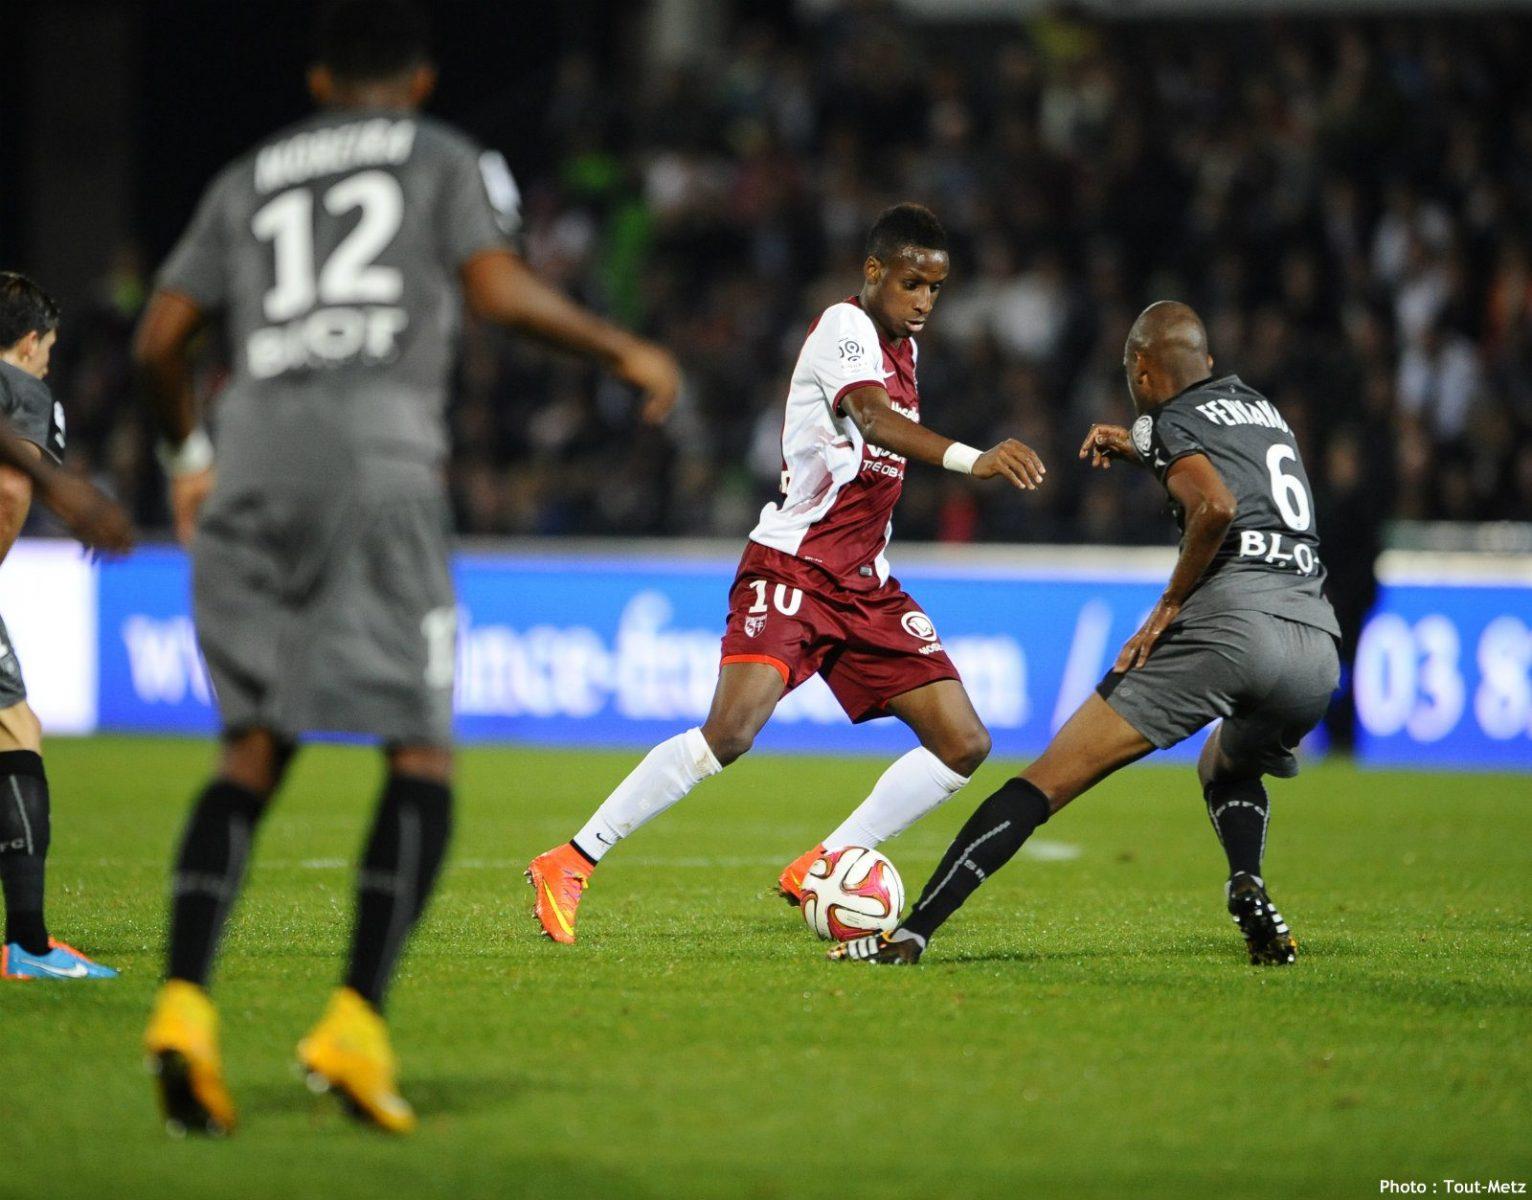 Metz / Rennes : un nul, et les grenats temporairement à 3 points du podium de Ligue 1